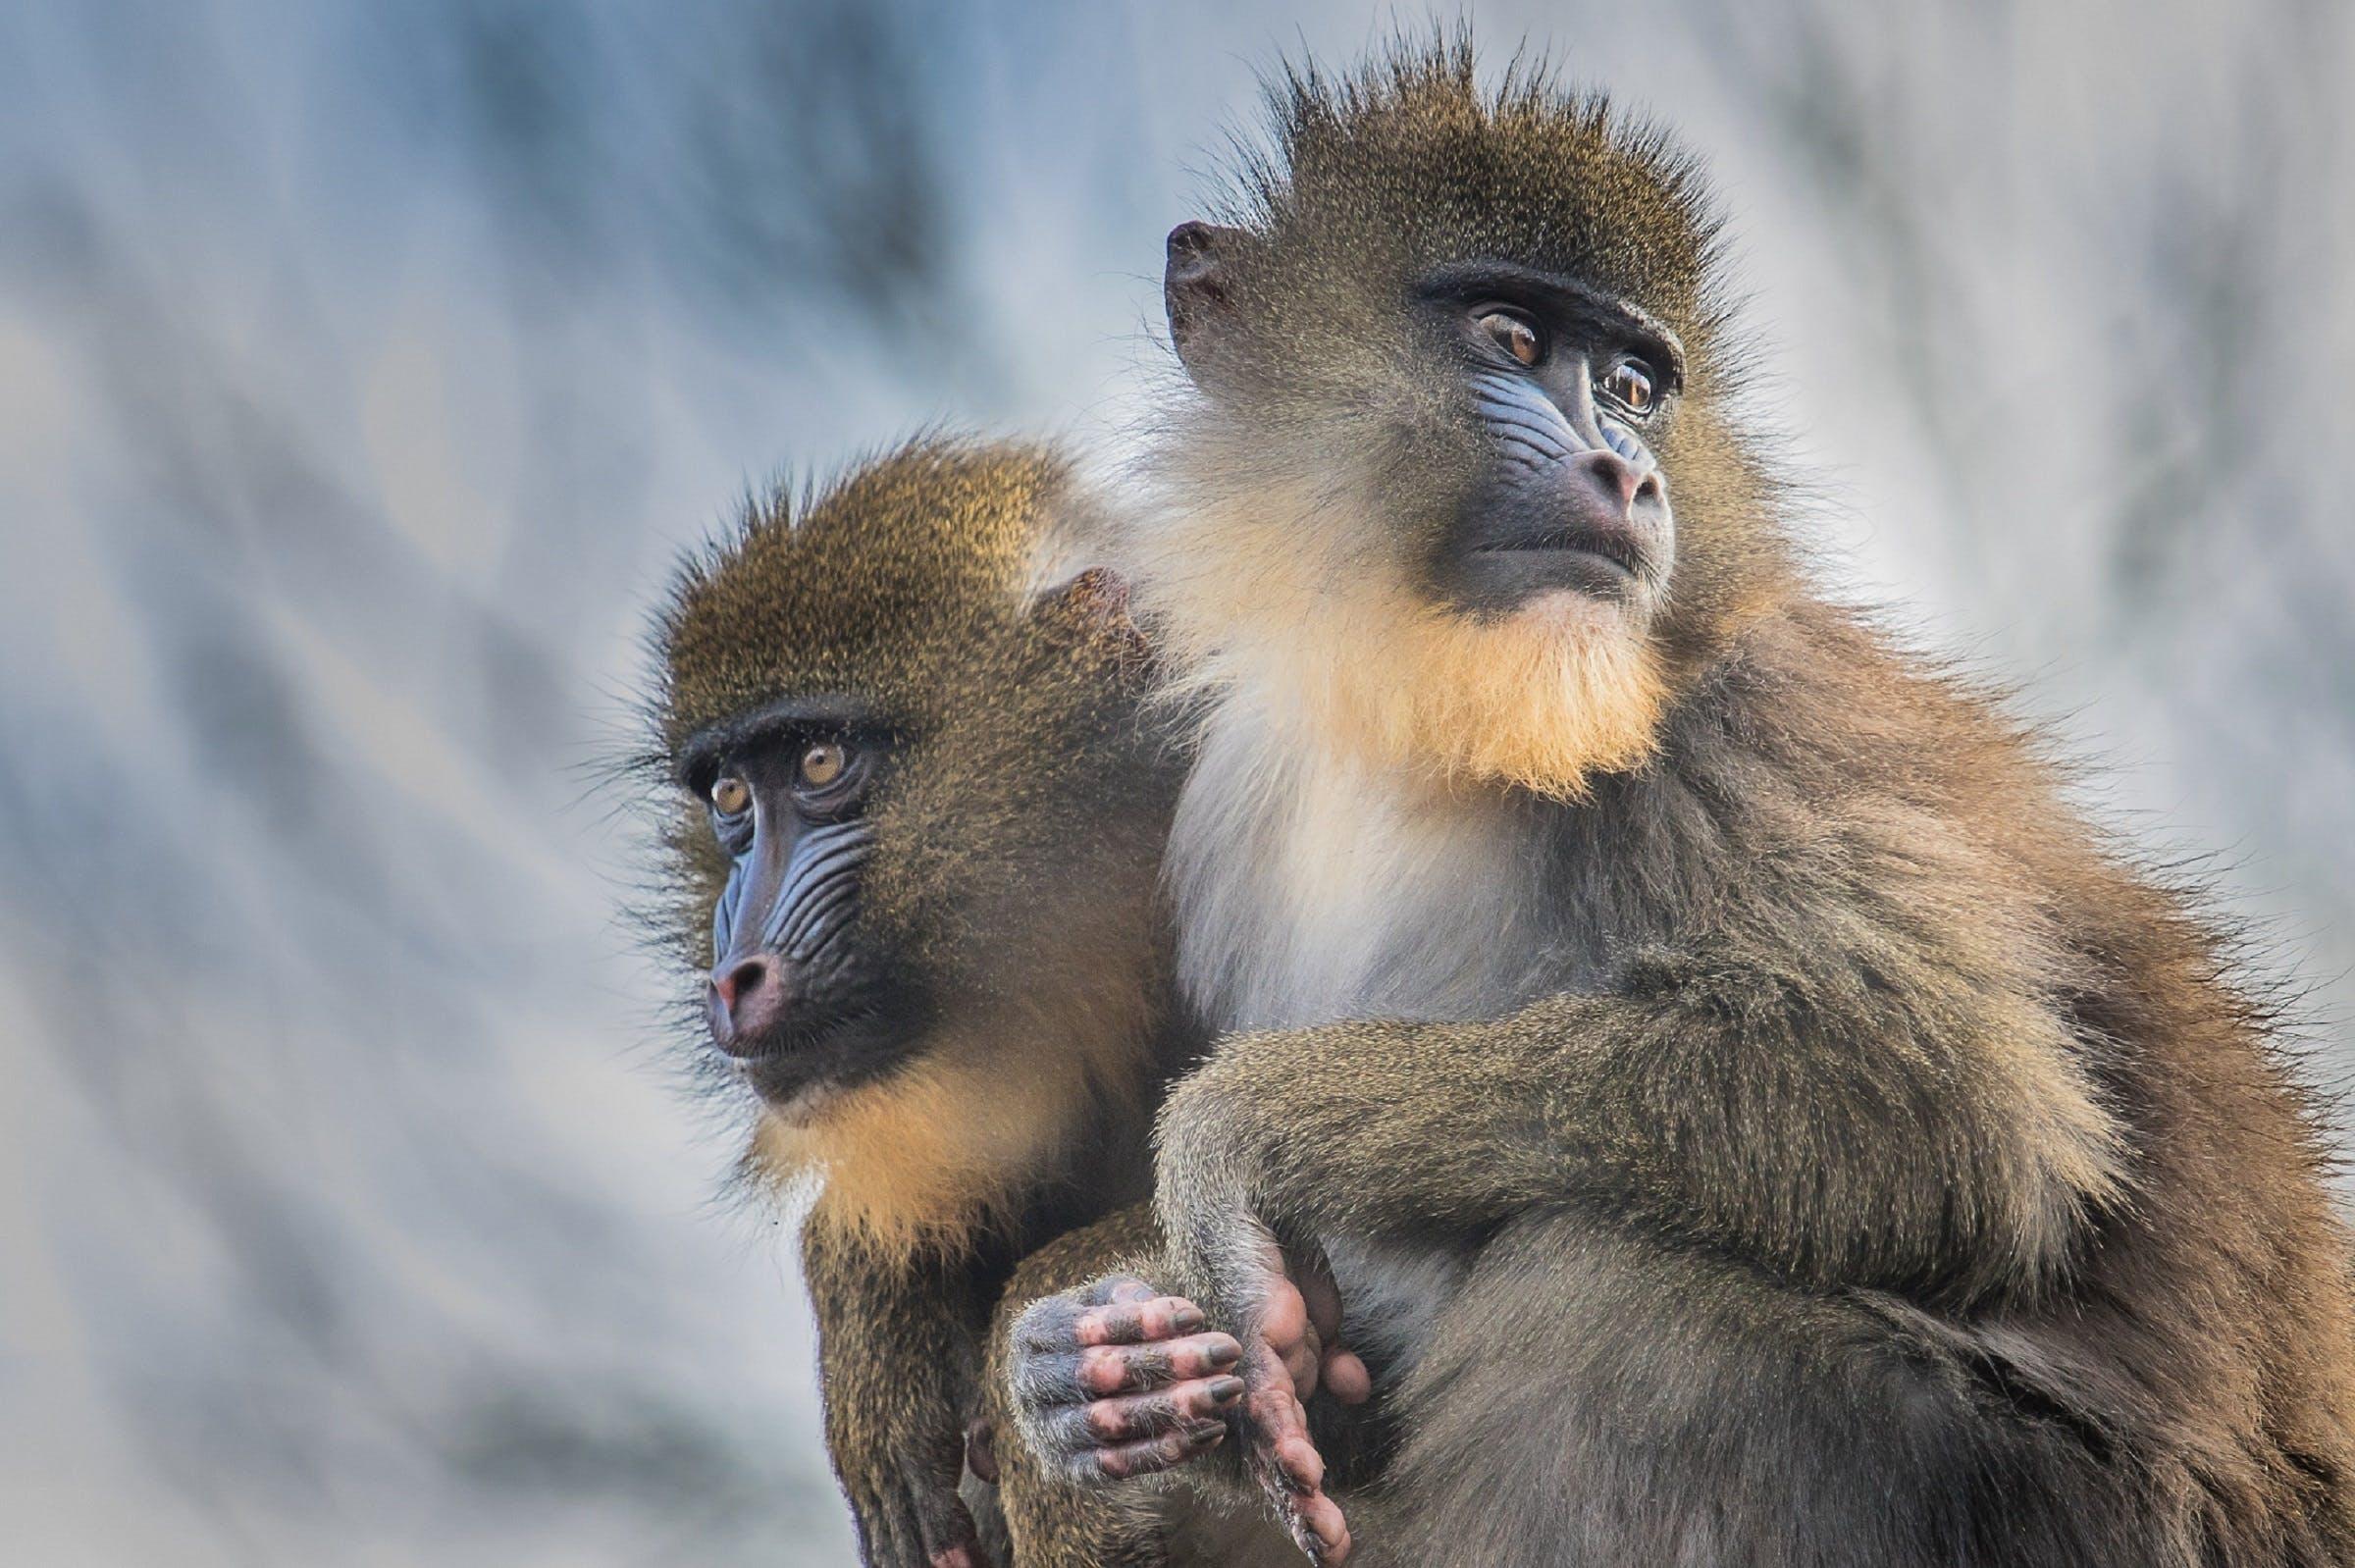 animal, animal photography, ape